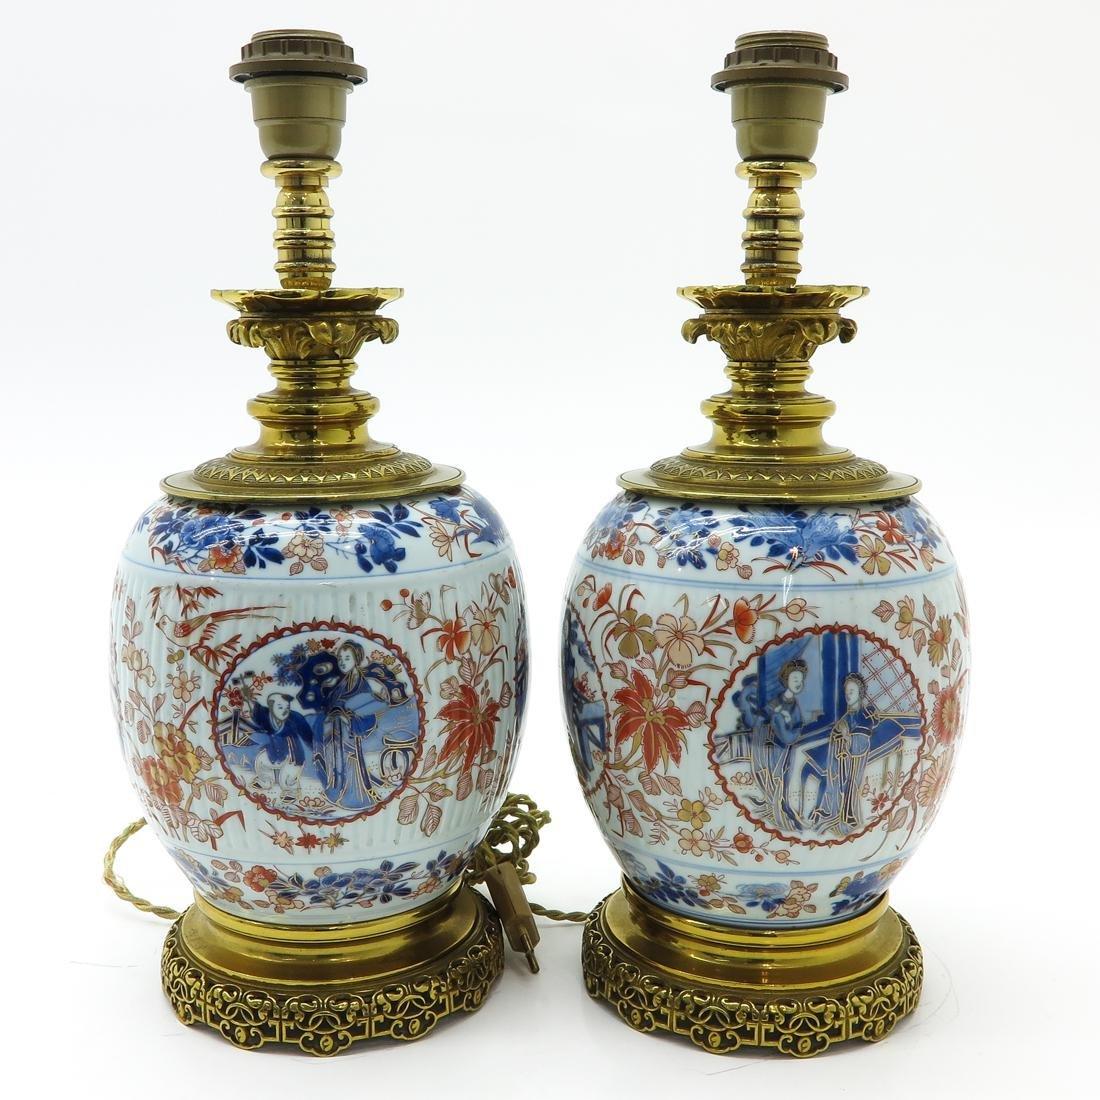 Pair of Imari Lamps - 4